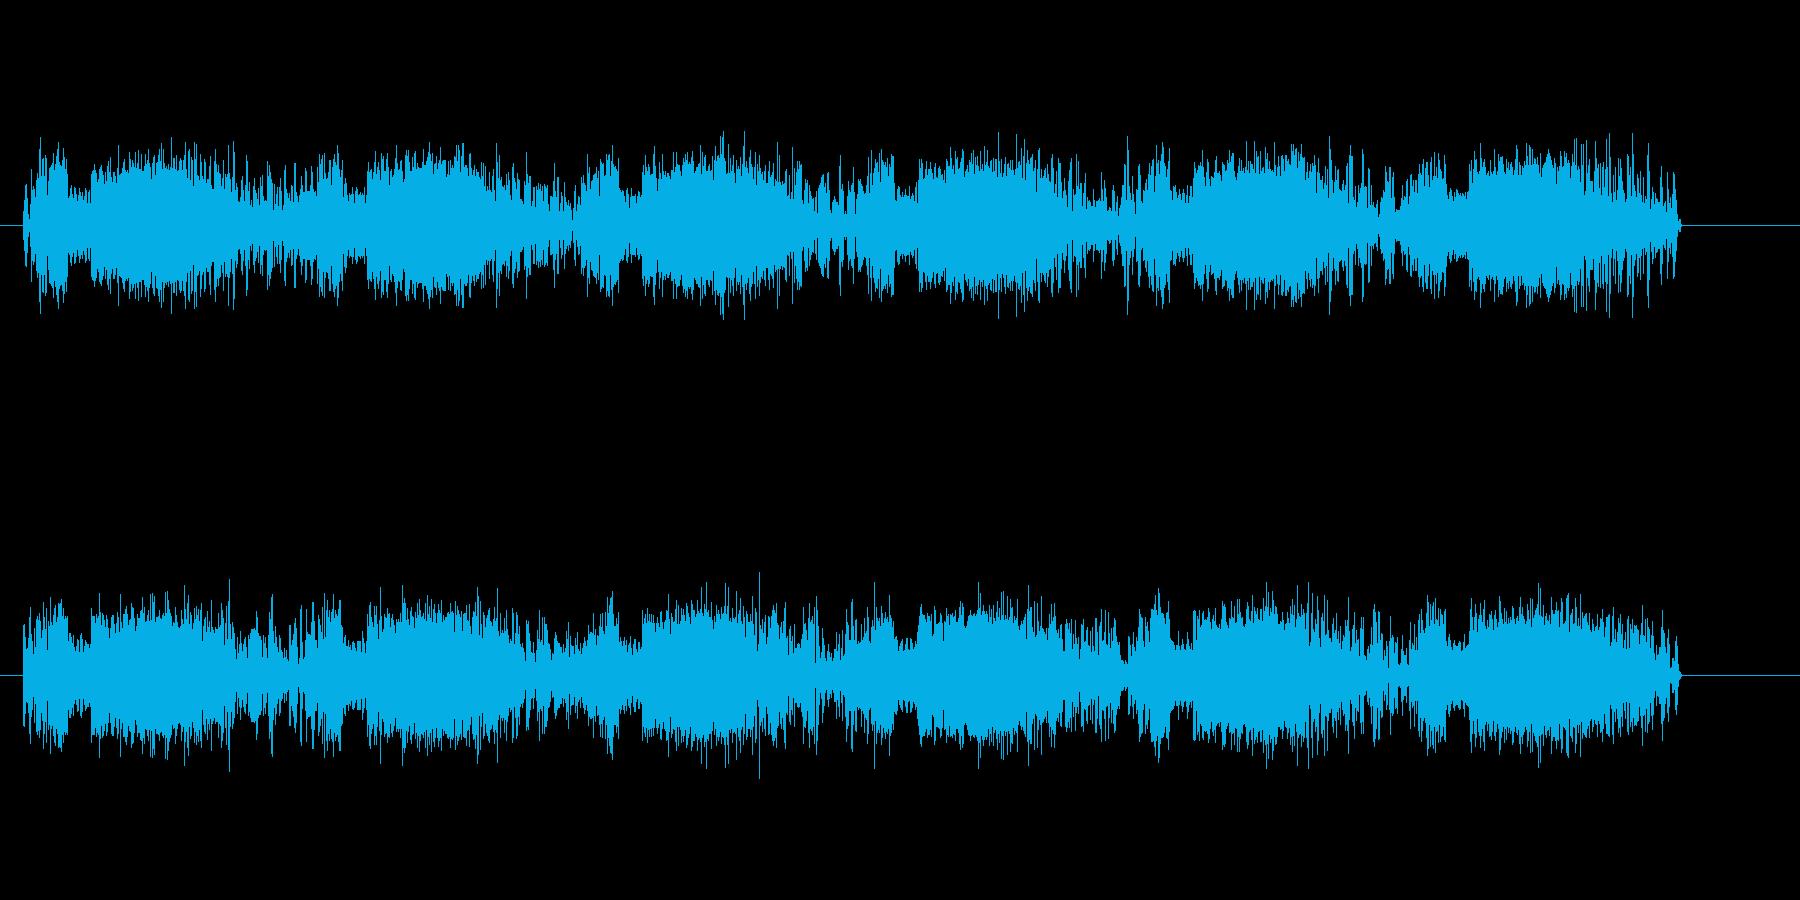 危険を知らせるアラームの音の再生済みの波形